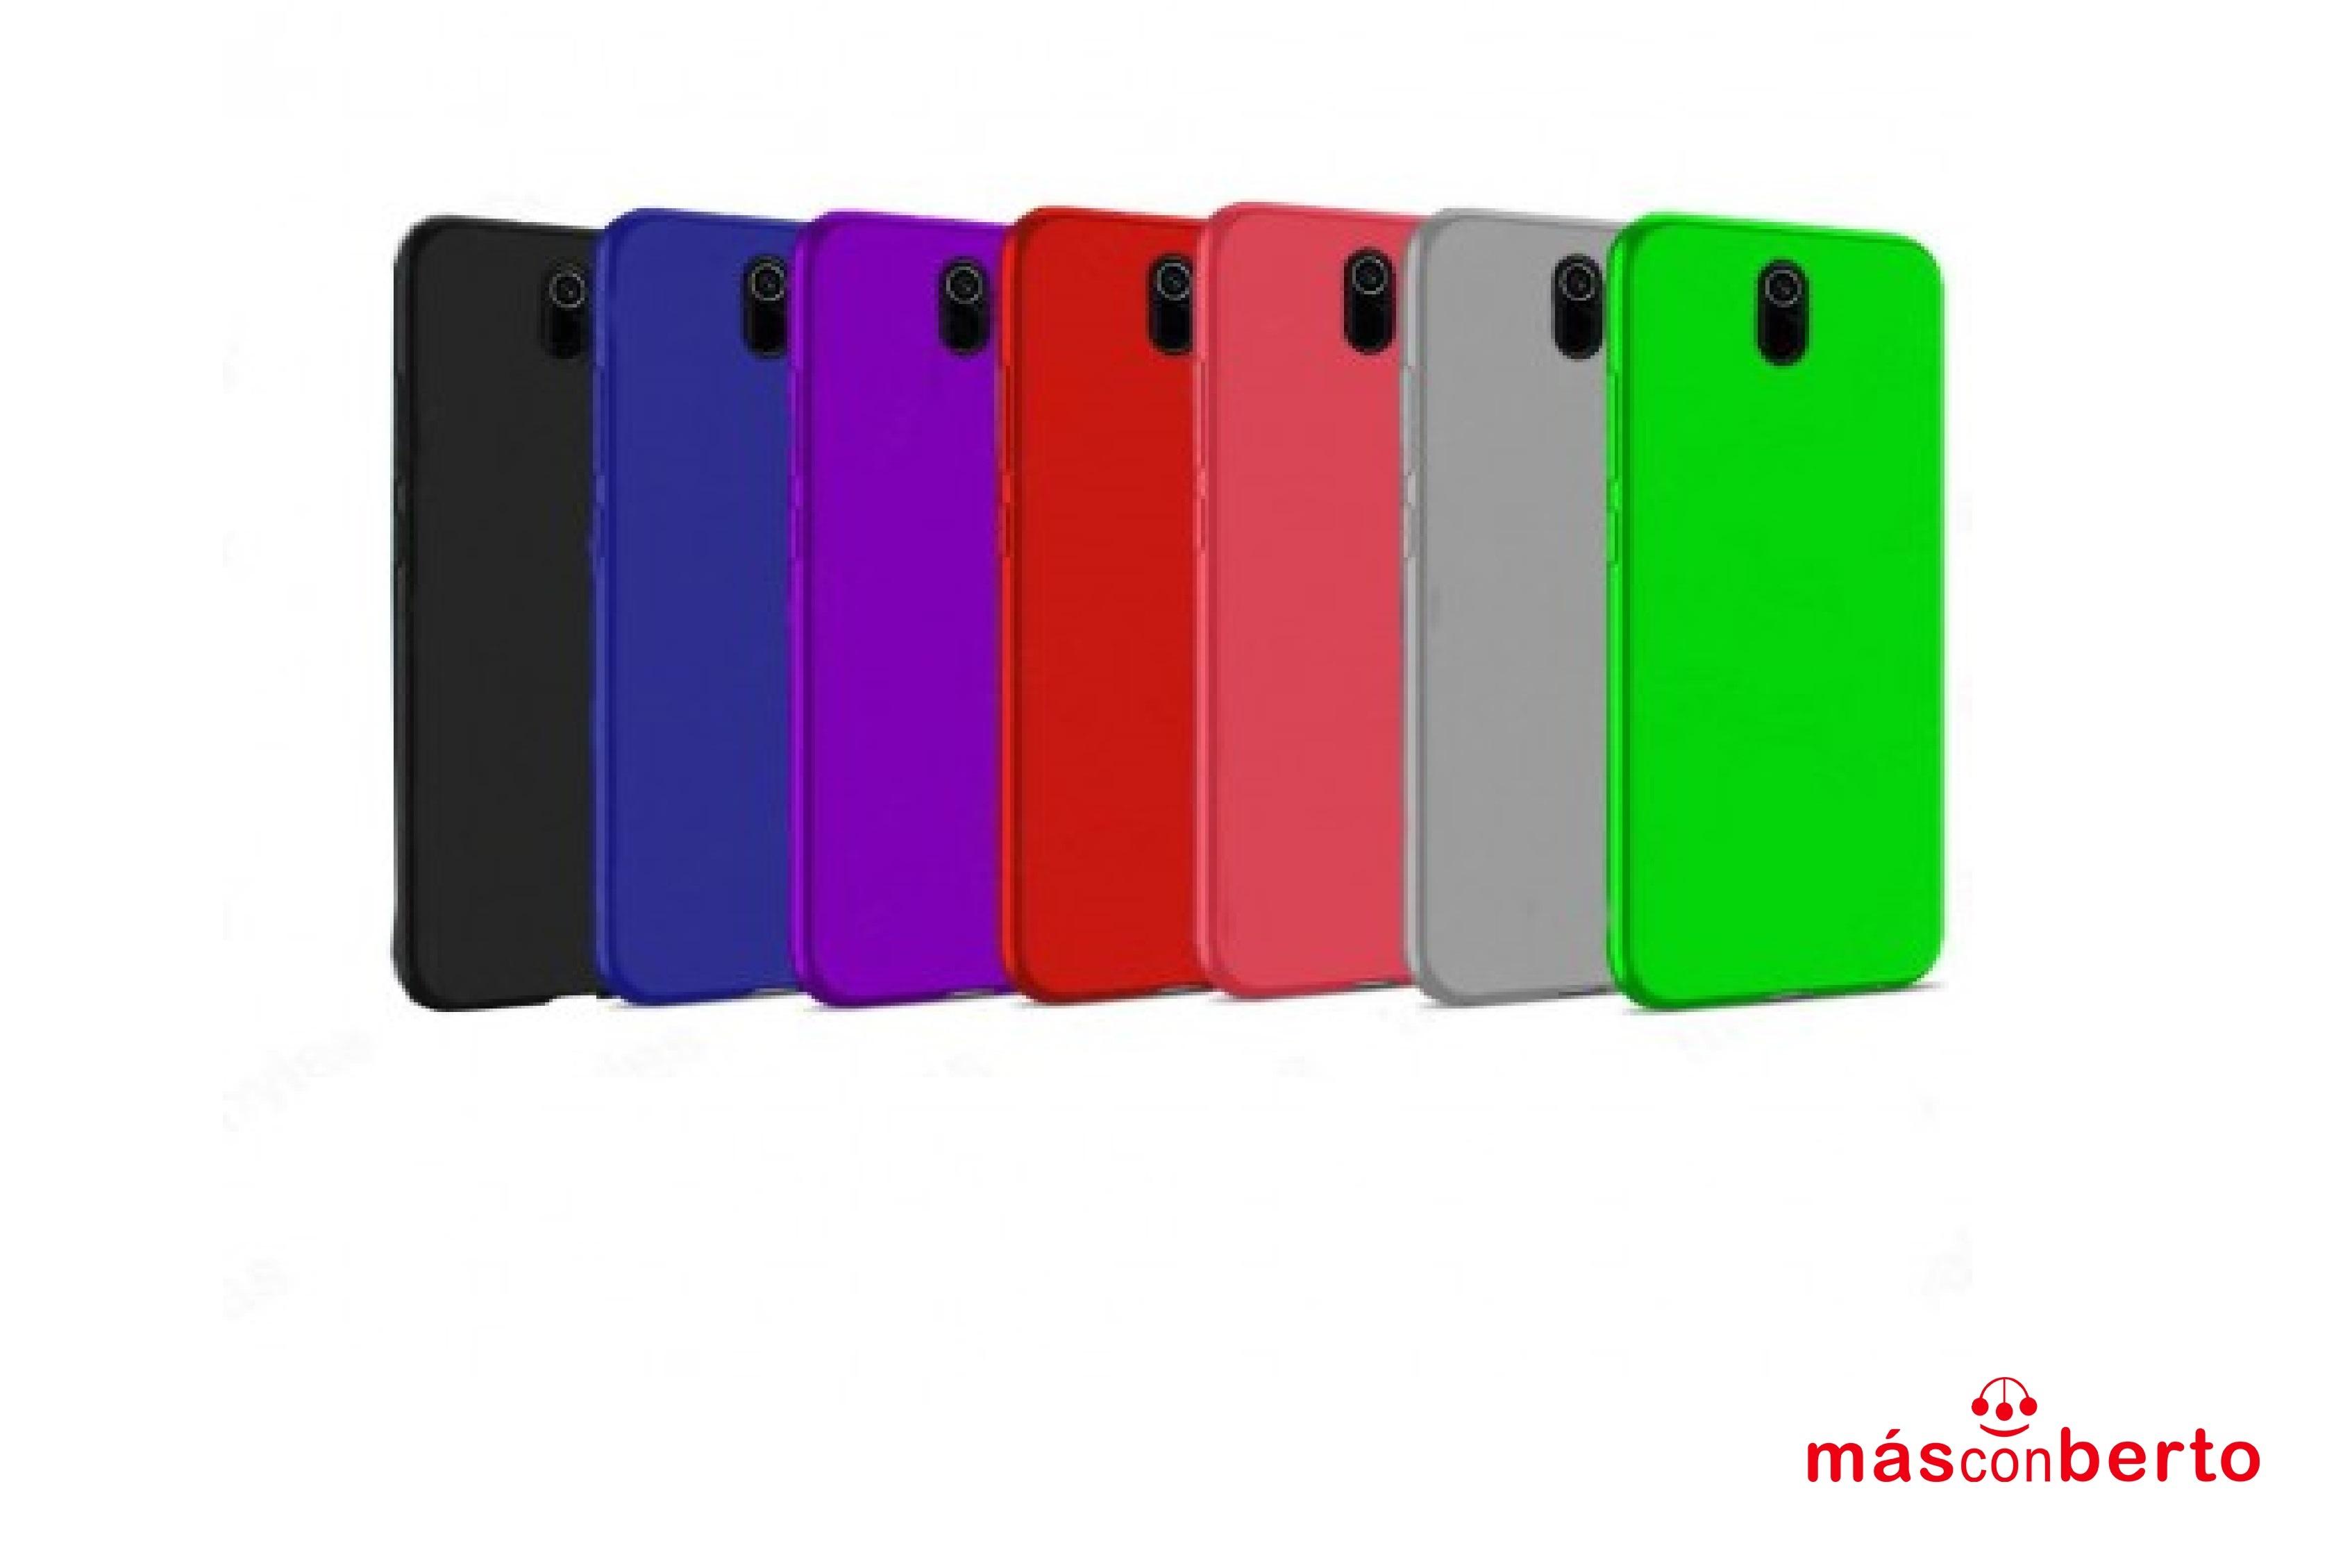 Funda Gel Iphone 6 Plus